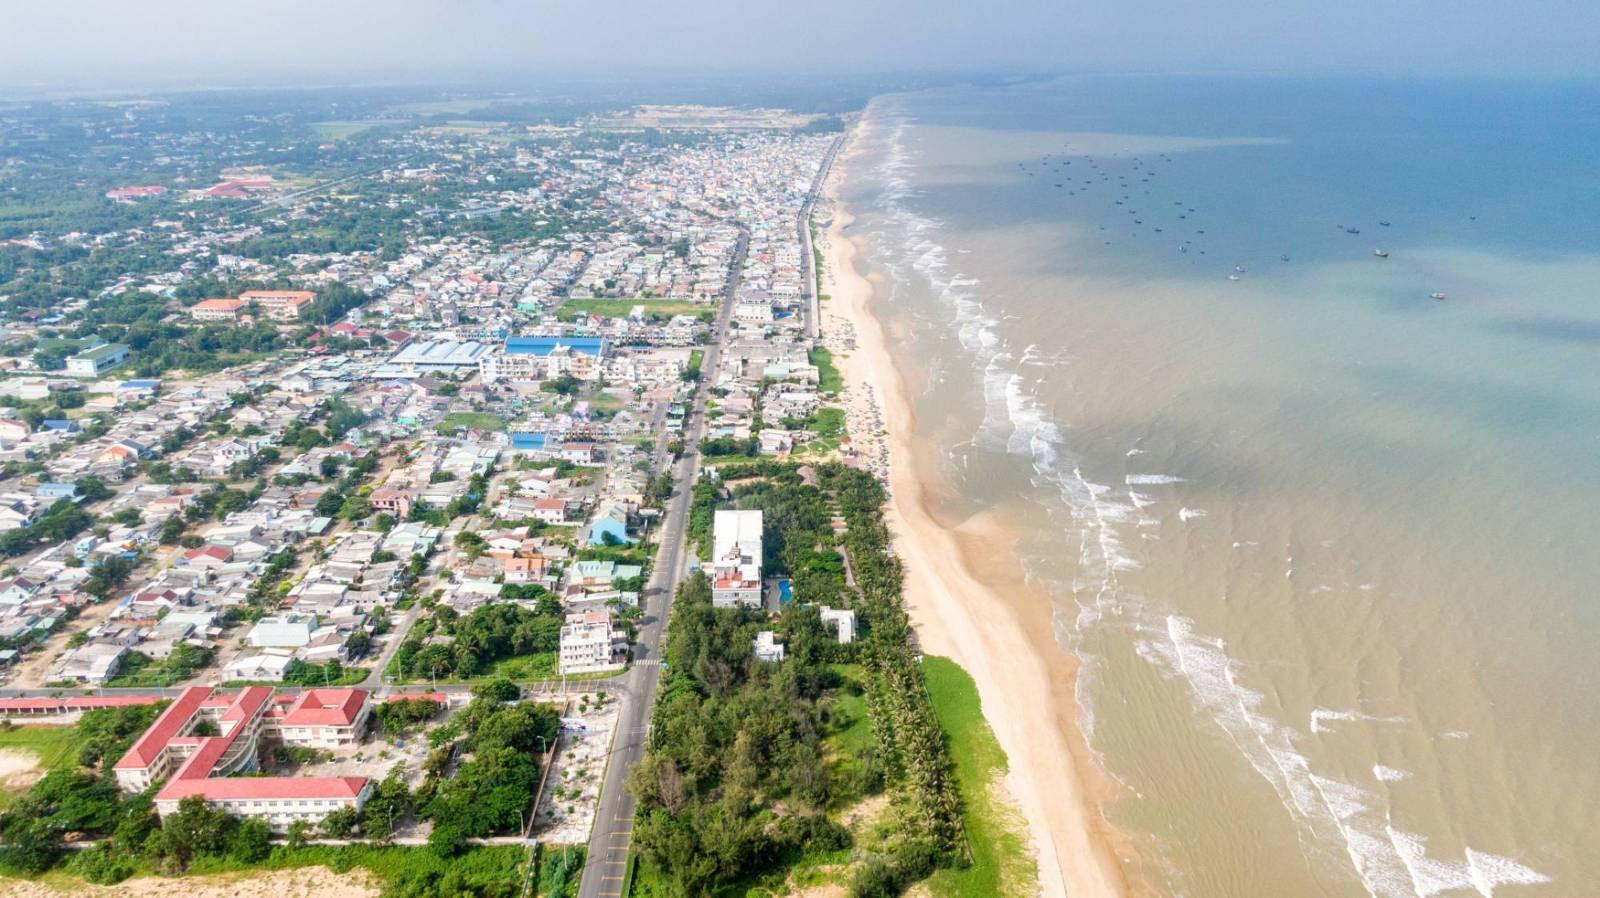 Đường ven biển Vũng Tàu - Bình Châu (Tỉnh lộ 994) cùng loạt dự án giao thông hạ tầng giúp bất động sản Hồ Tràm phát triển sôi động